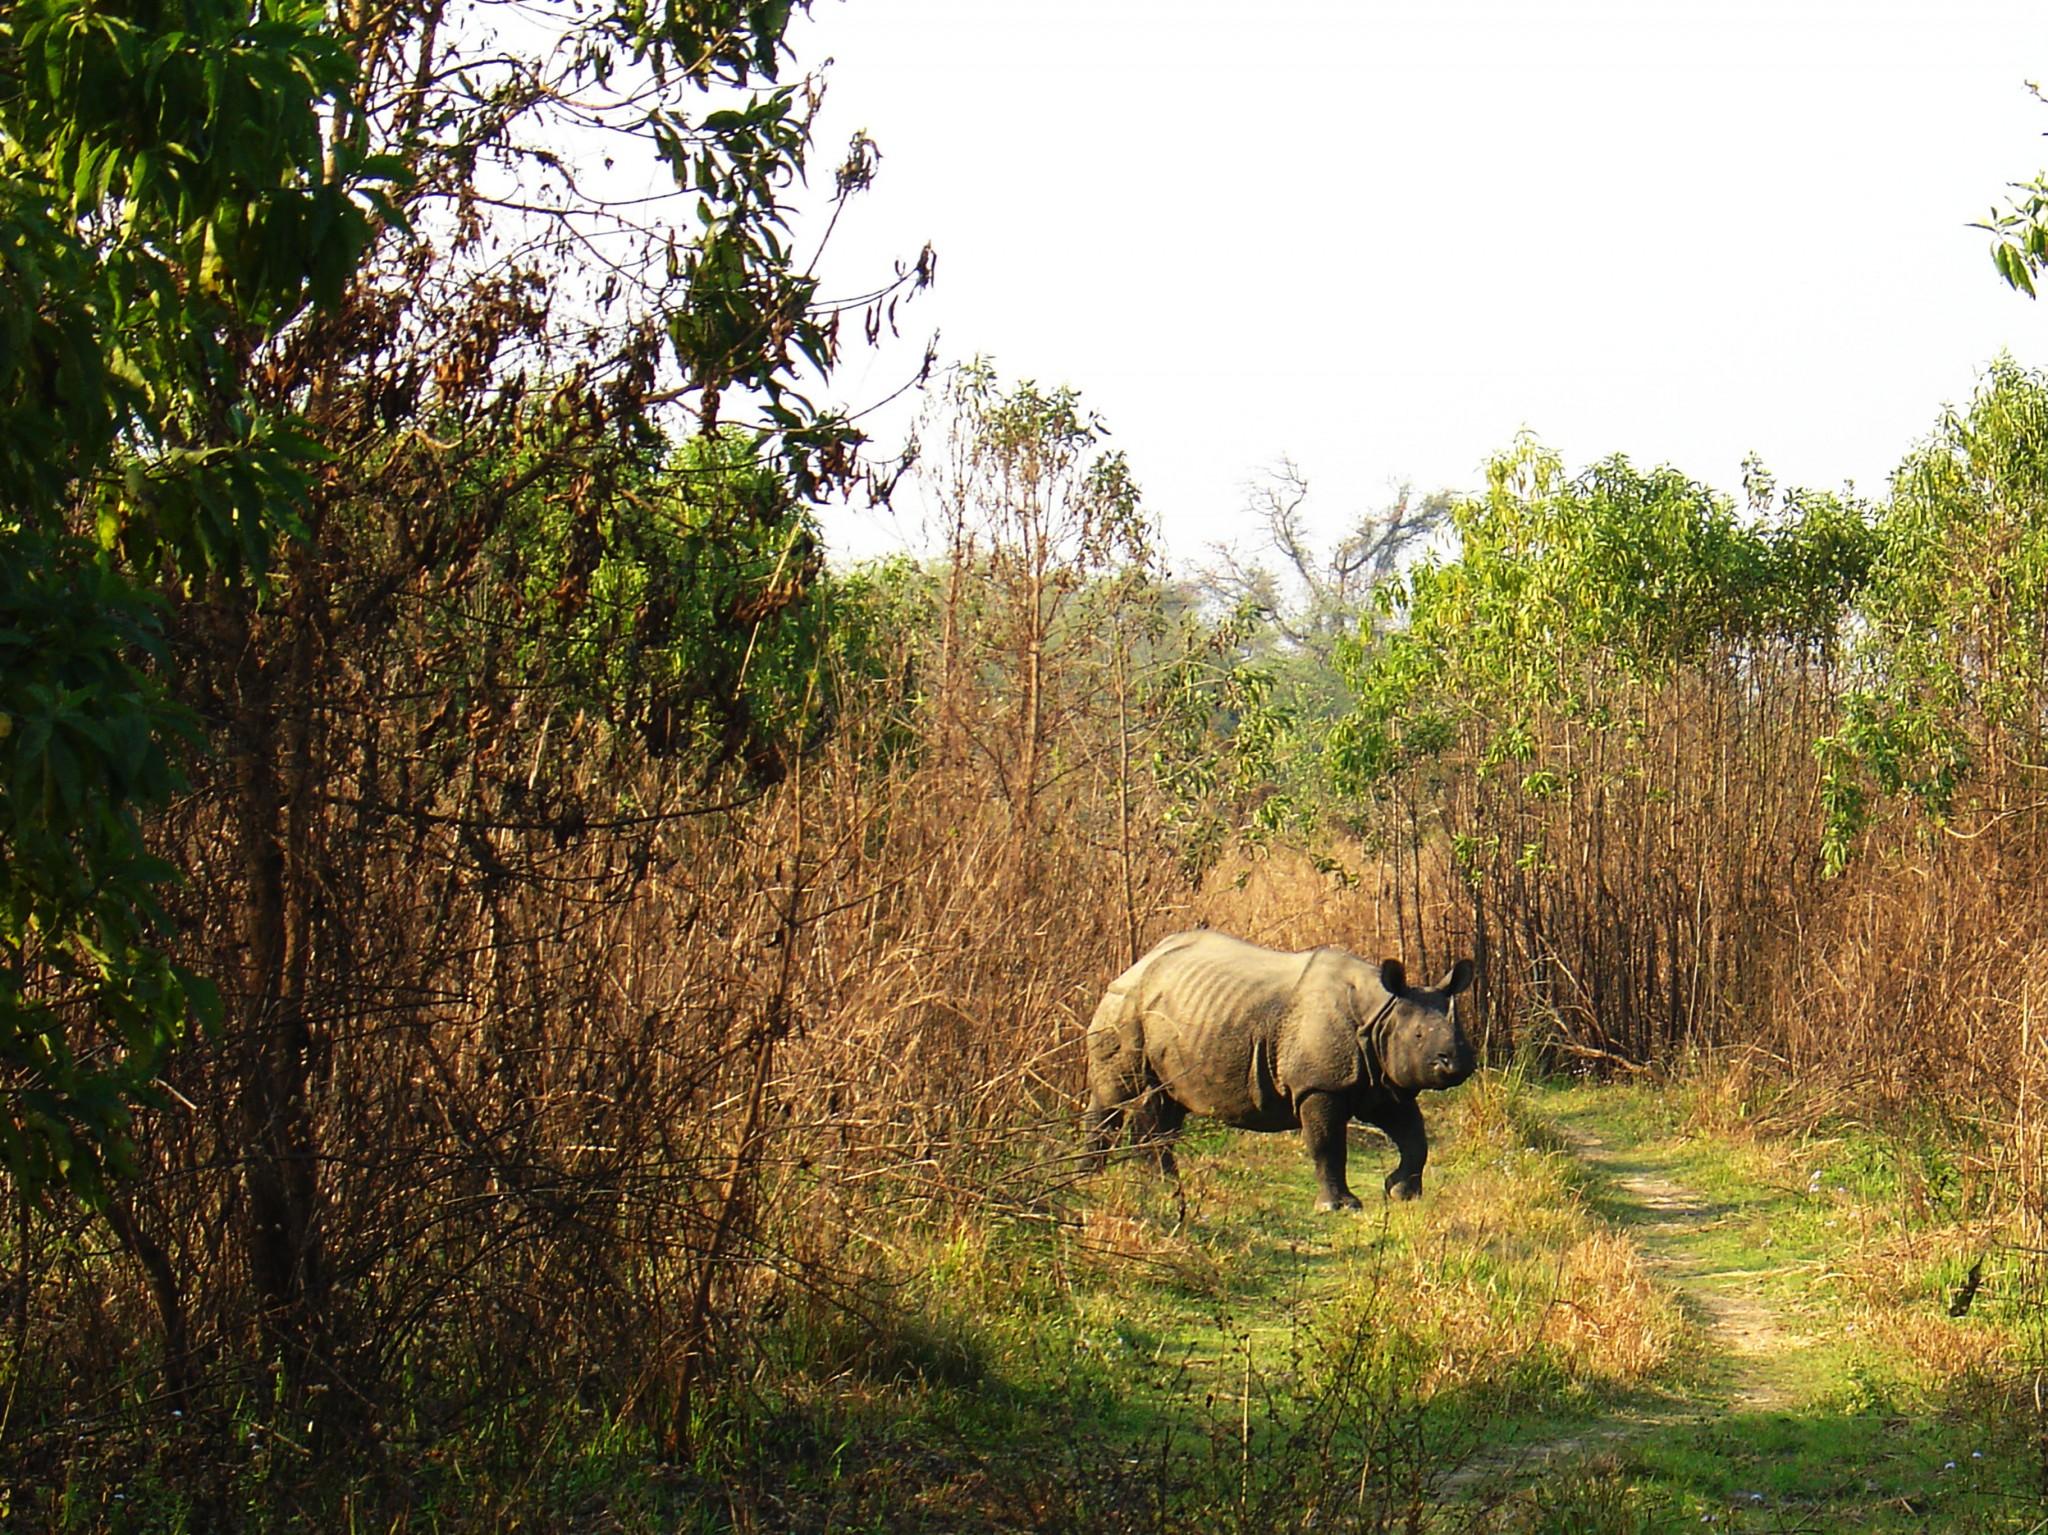 sarvikuono Nepal Chitwan kansallispuisto